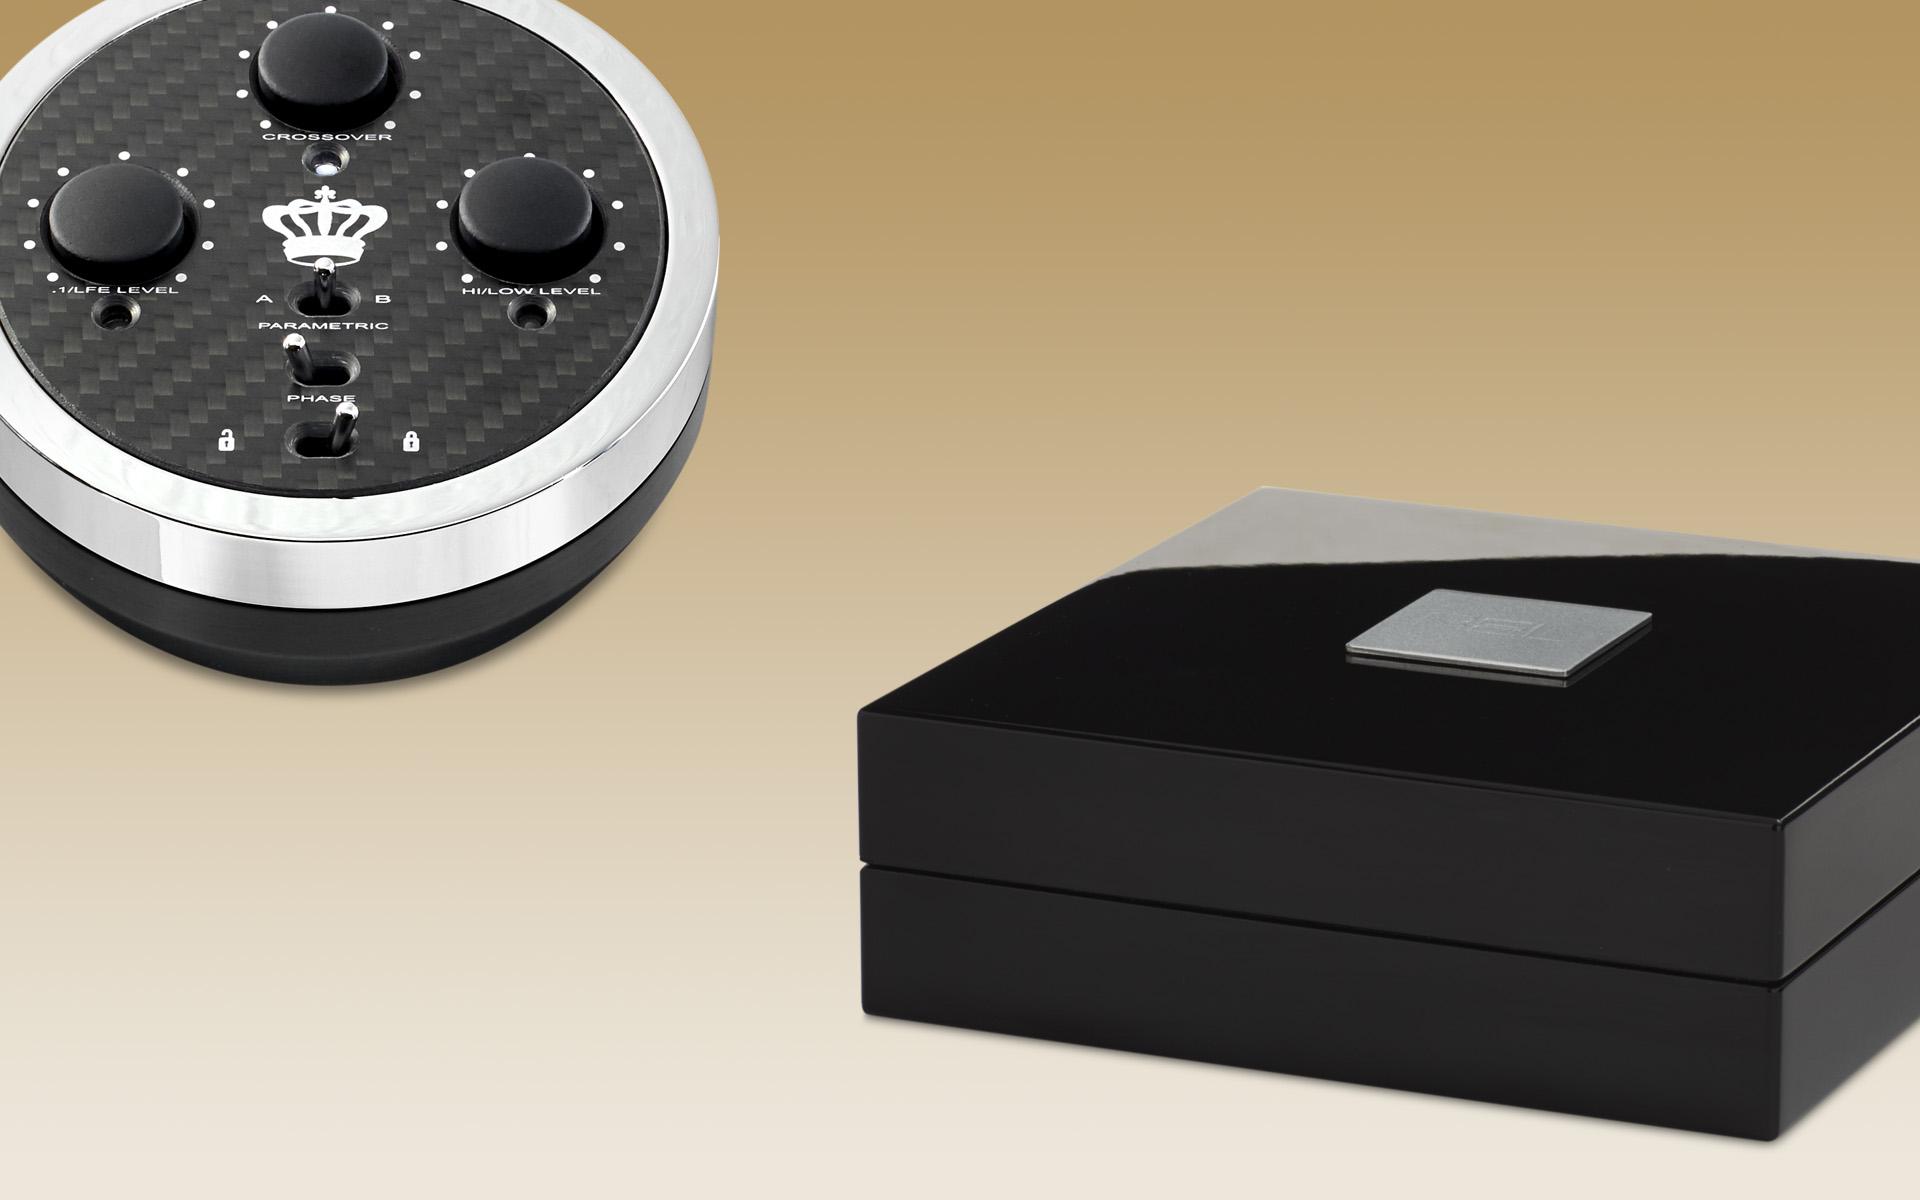 Пульт дистанционного управления входит в комплект поставки REL No. 25, передатчик беспроводного сигнала Longbow поставляется отдельно